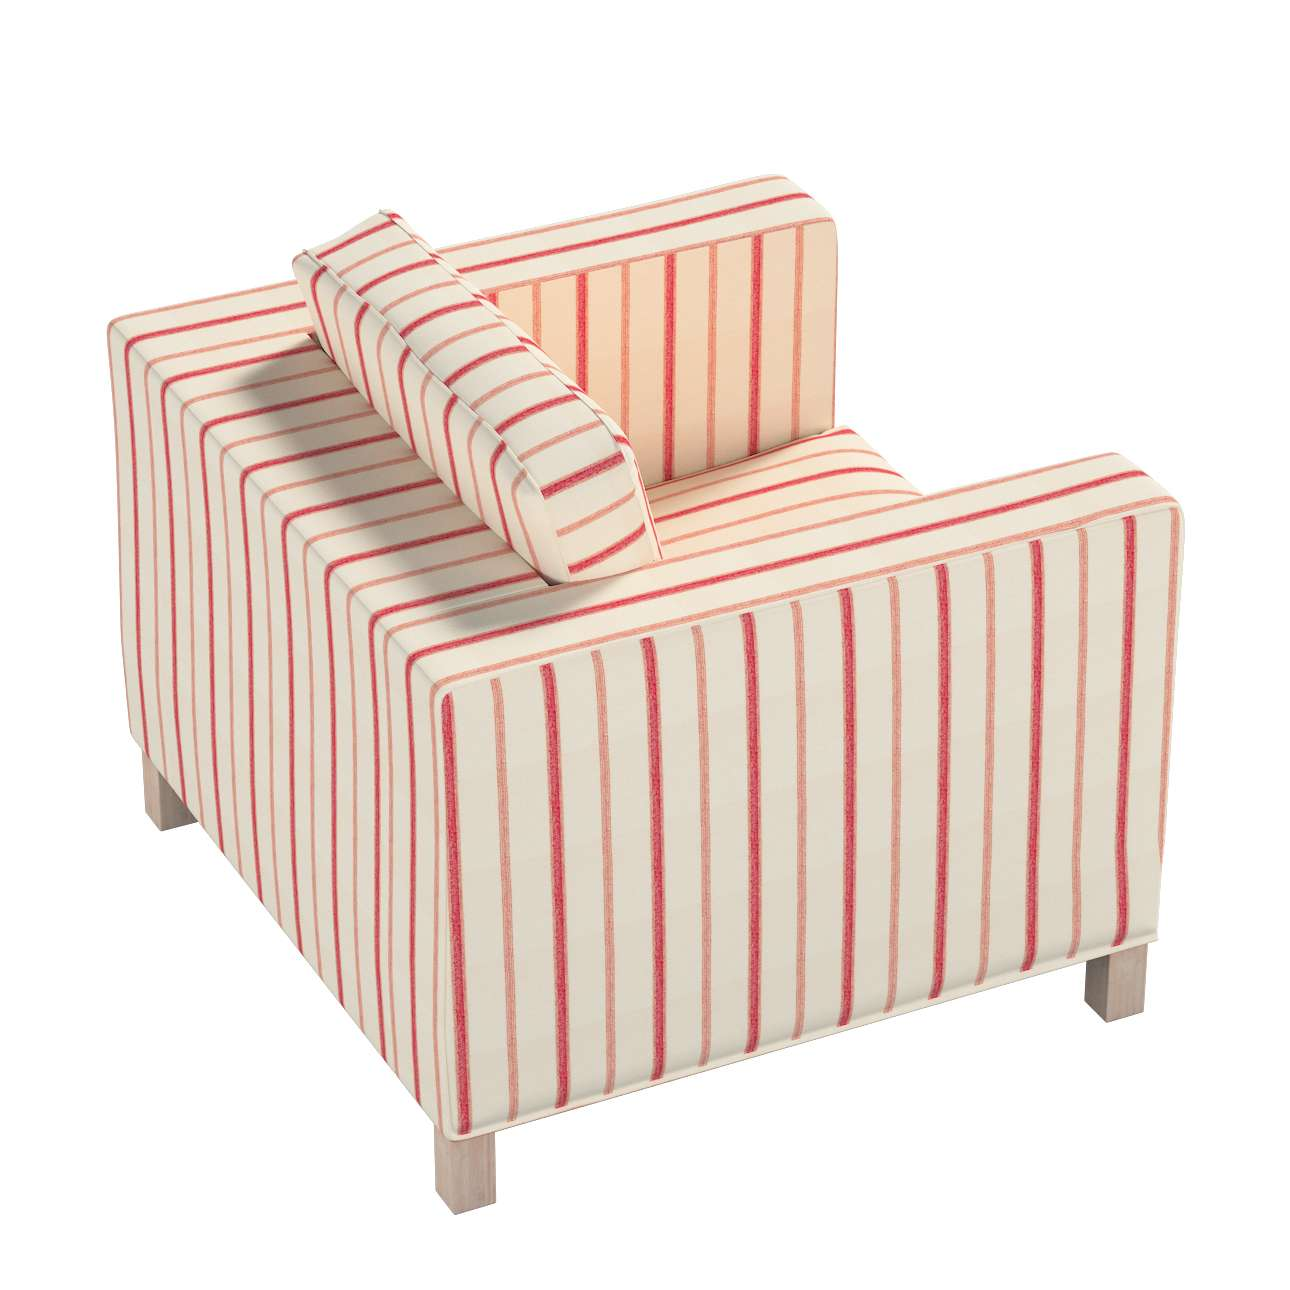 Pokrowiec na fotel Karlanda, krótki w kolekcji Avinon, tkanina: 129-15